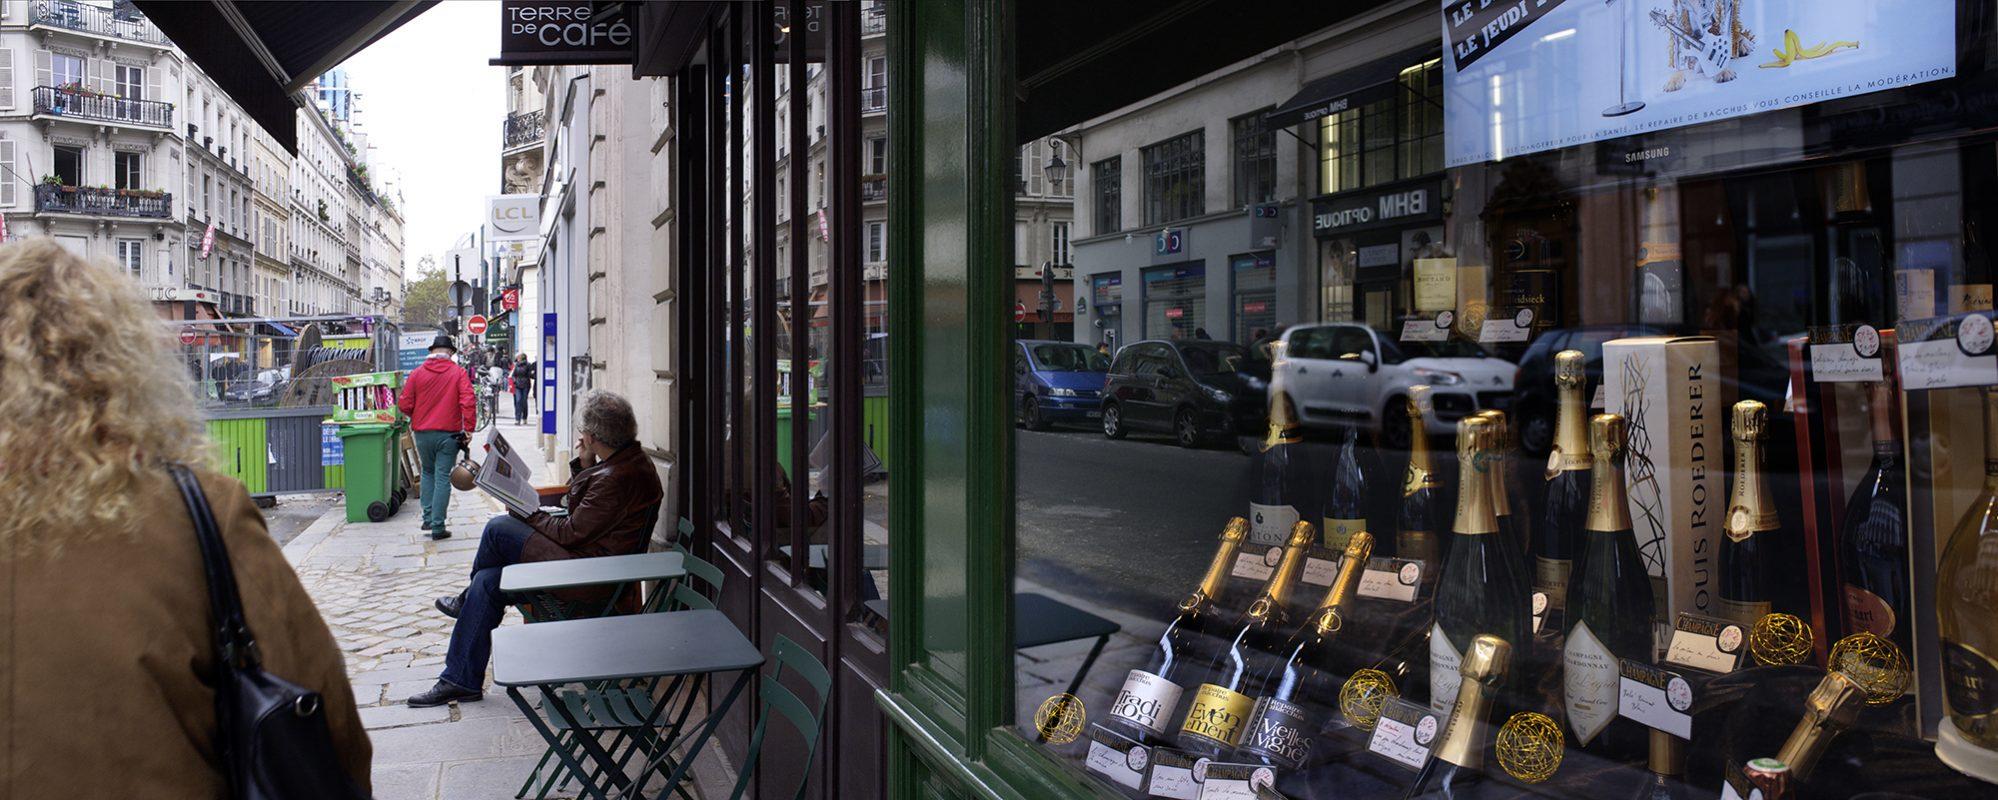 Paris, Café, Champagner